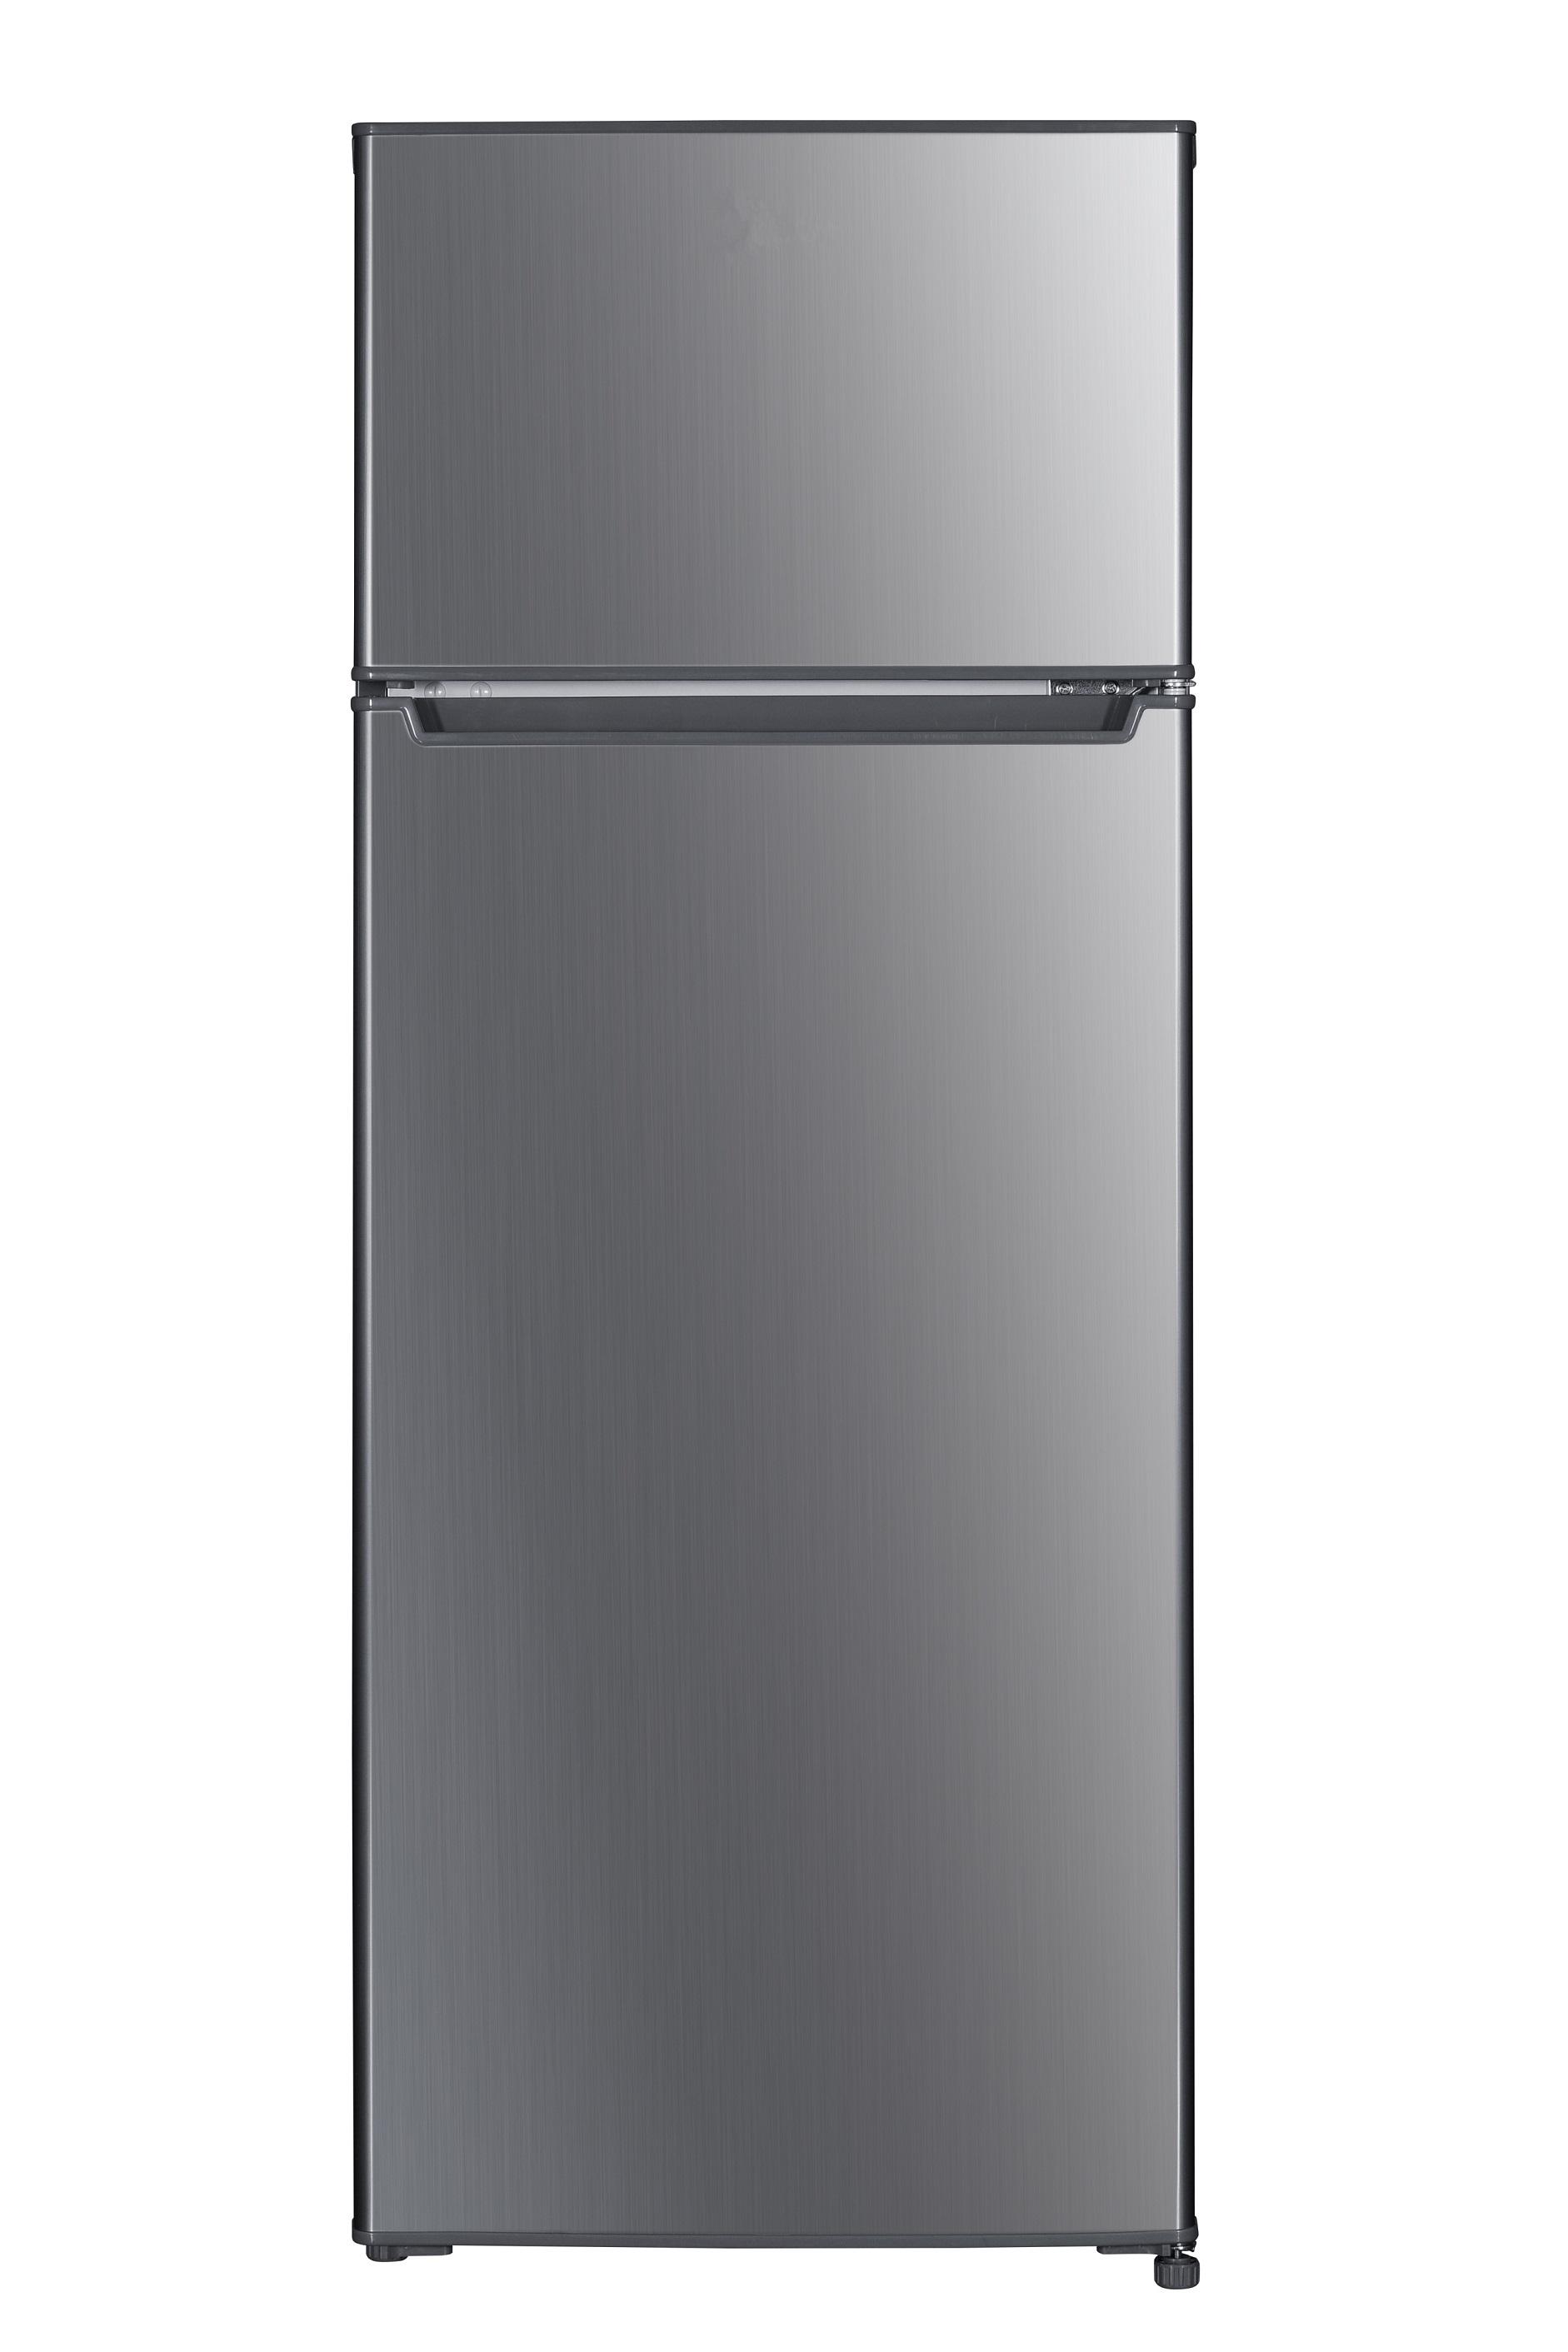 respekta Kühlschrank Standkühlschrank Kühl-Gefrierkombination 143 cm silber